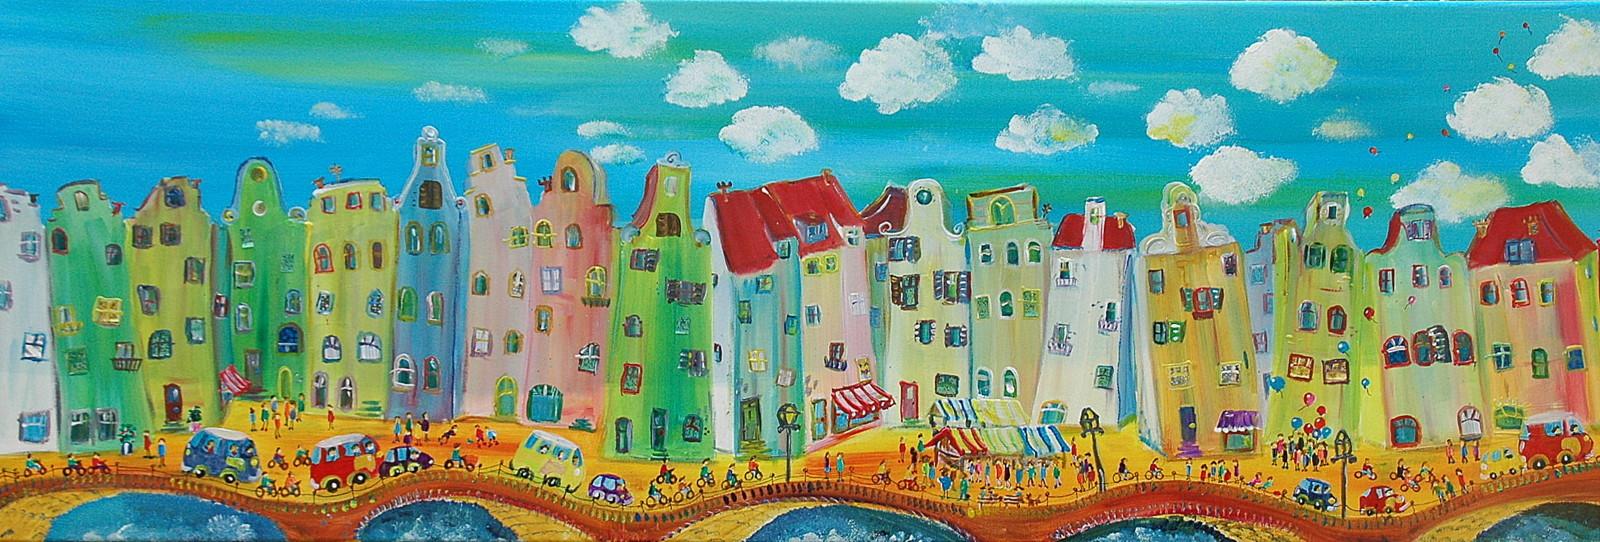 stad met markt